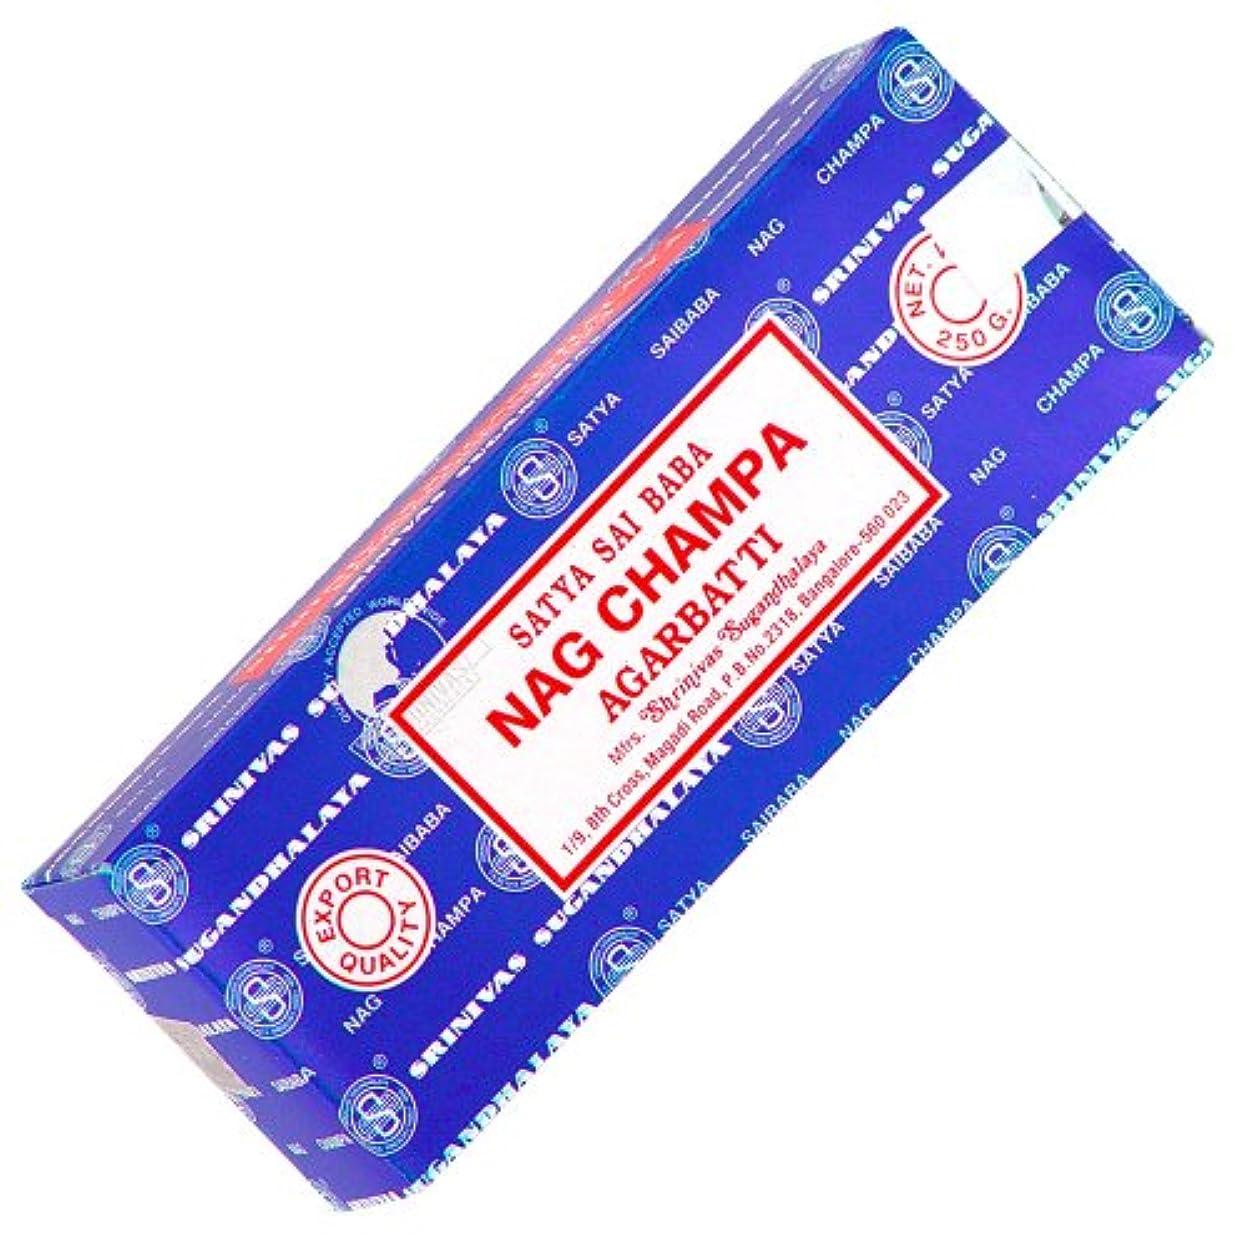 居住者マウント絶壁Satyaお香250 gr Nag Champa各